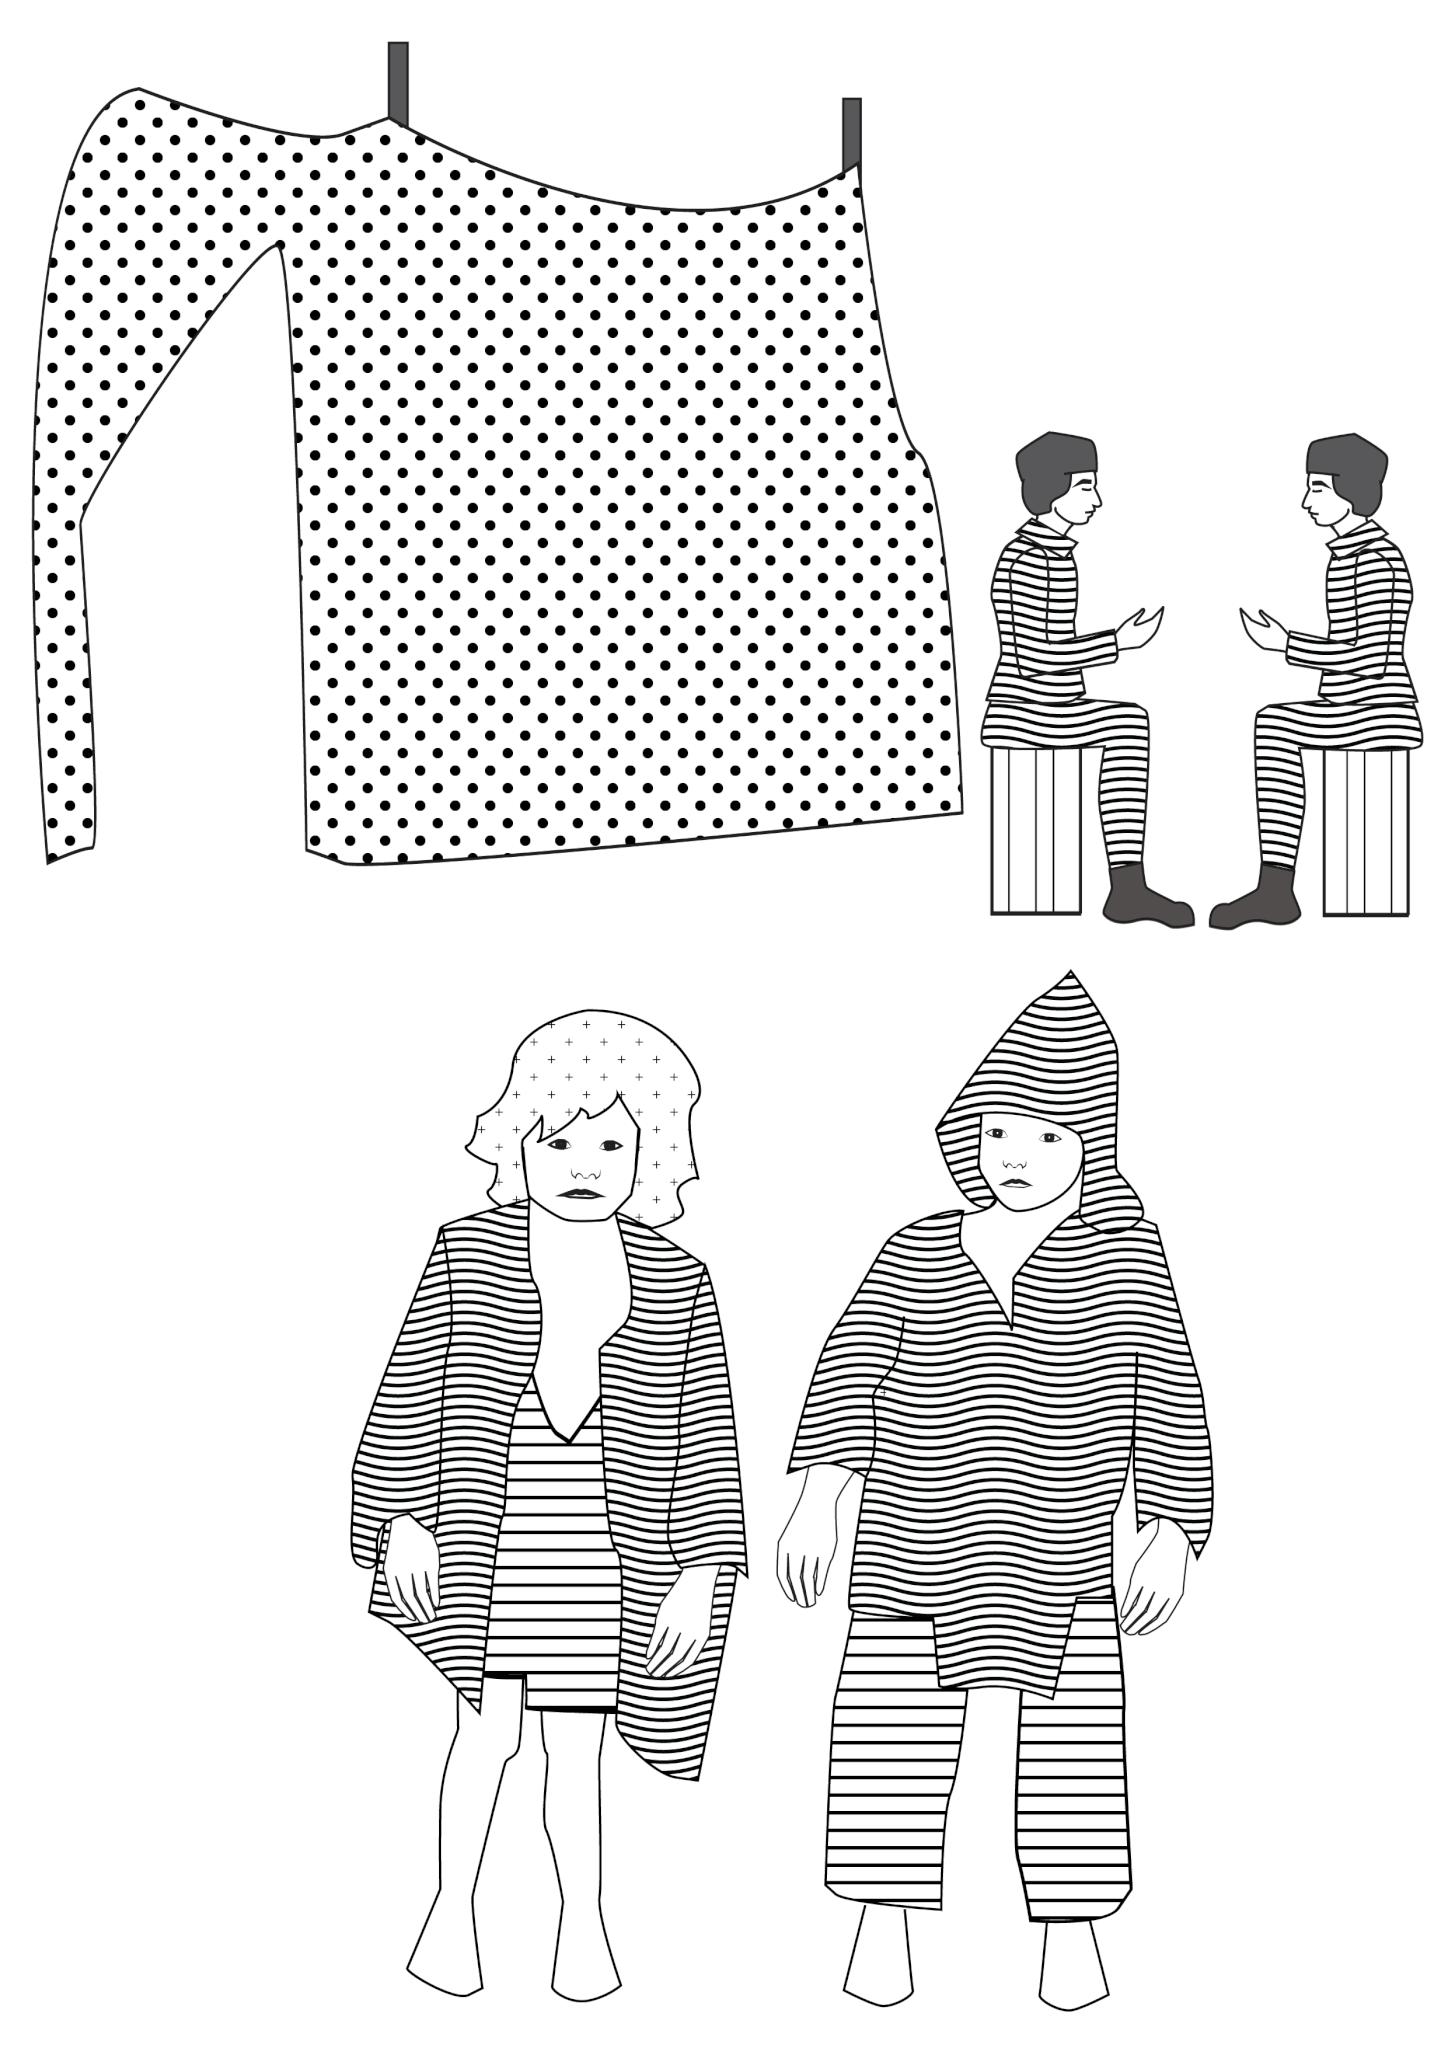 gypsies deportation